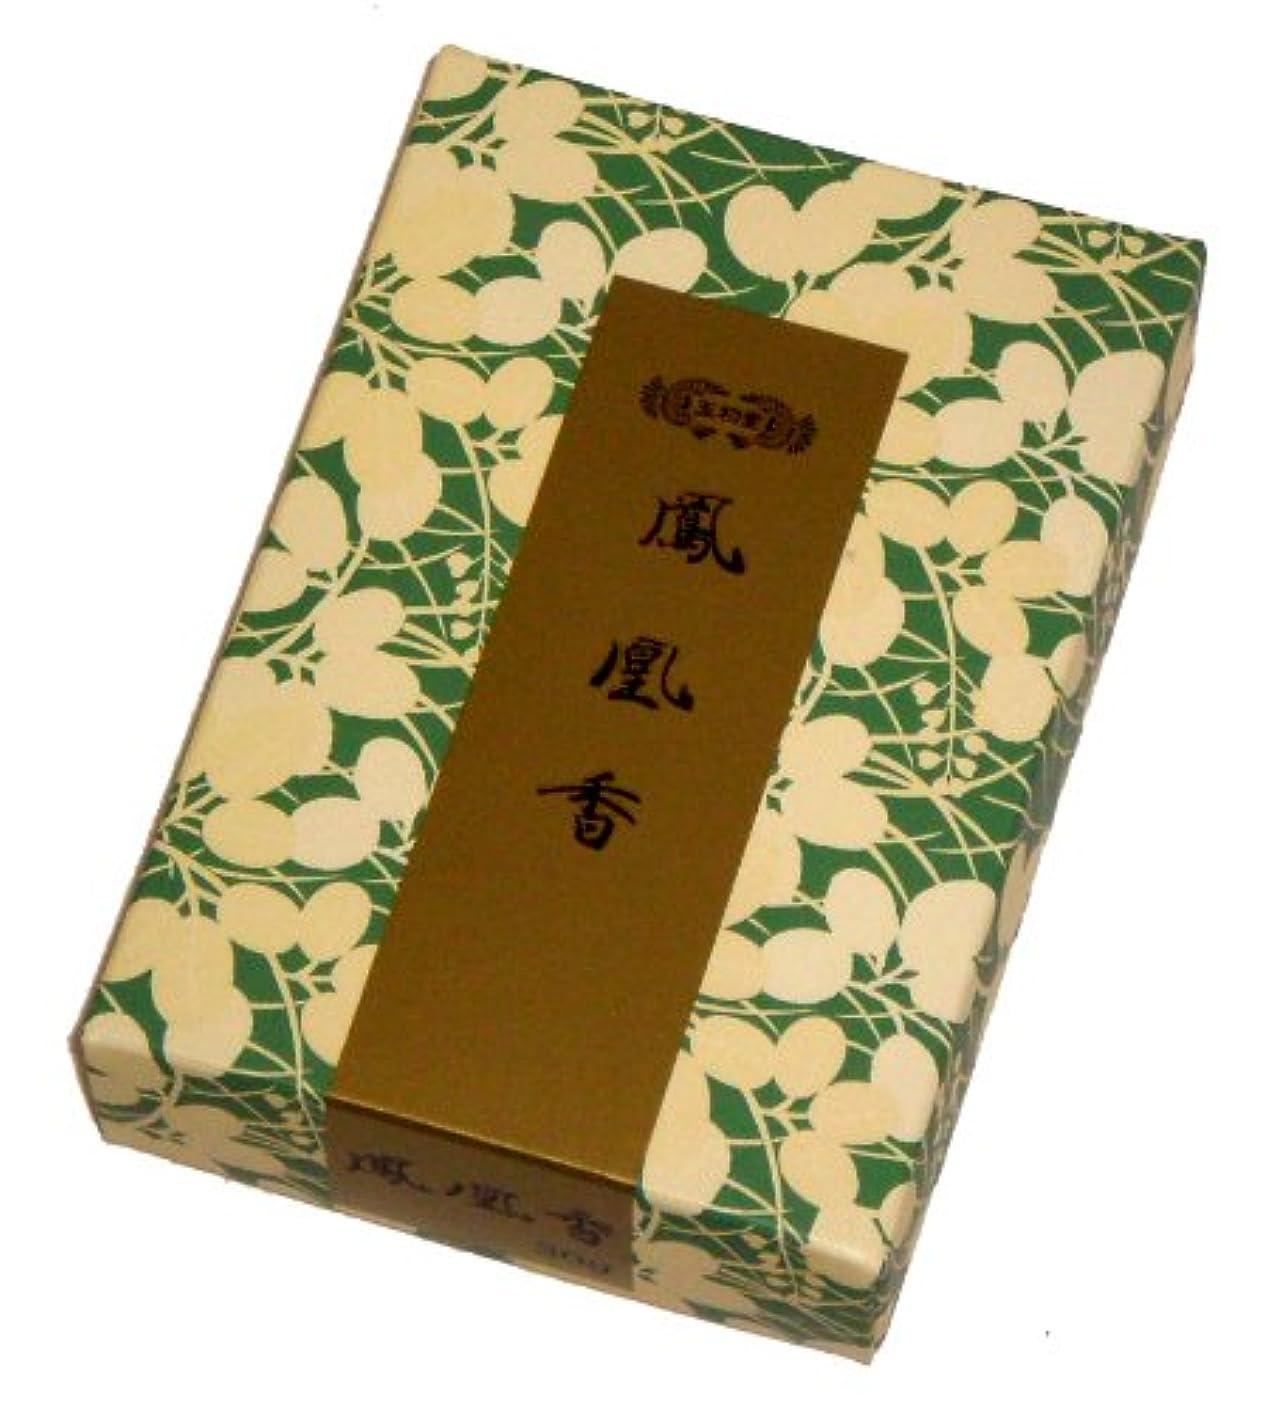 亜熱帯敵製造業玉初堂のお香 鳳凰香 30g #685